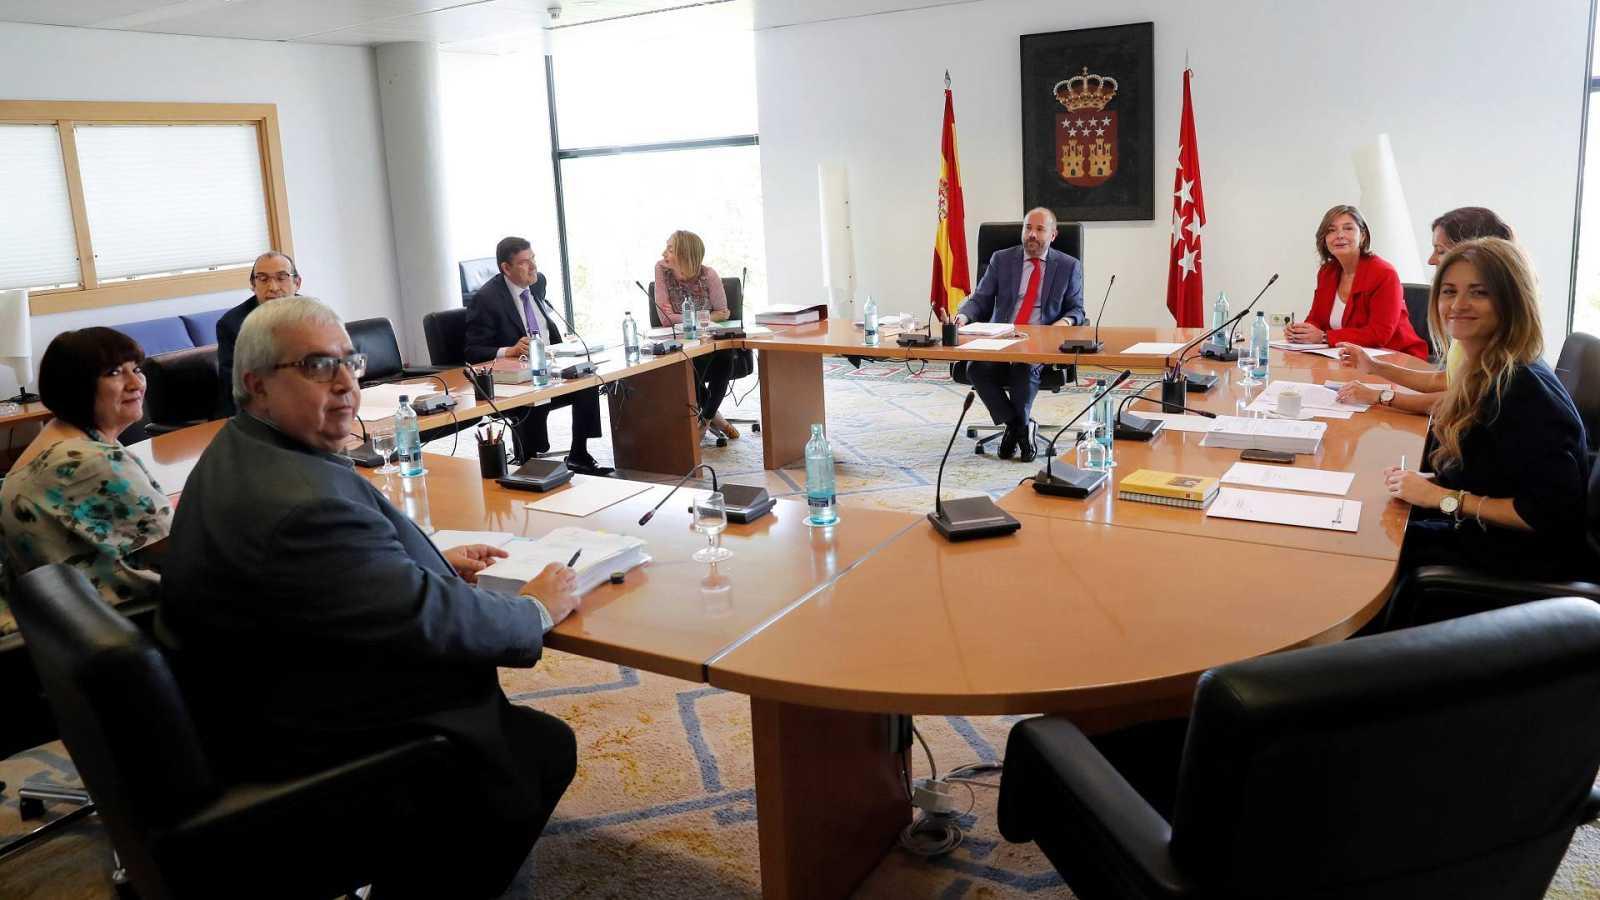 Imagen de la Mesa de la Asamblea de Madrid tras su primera reunión